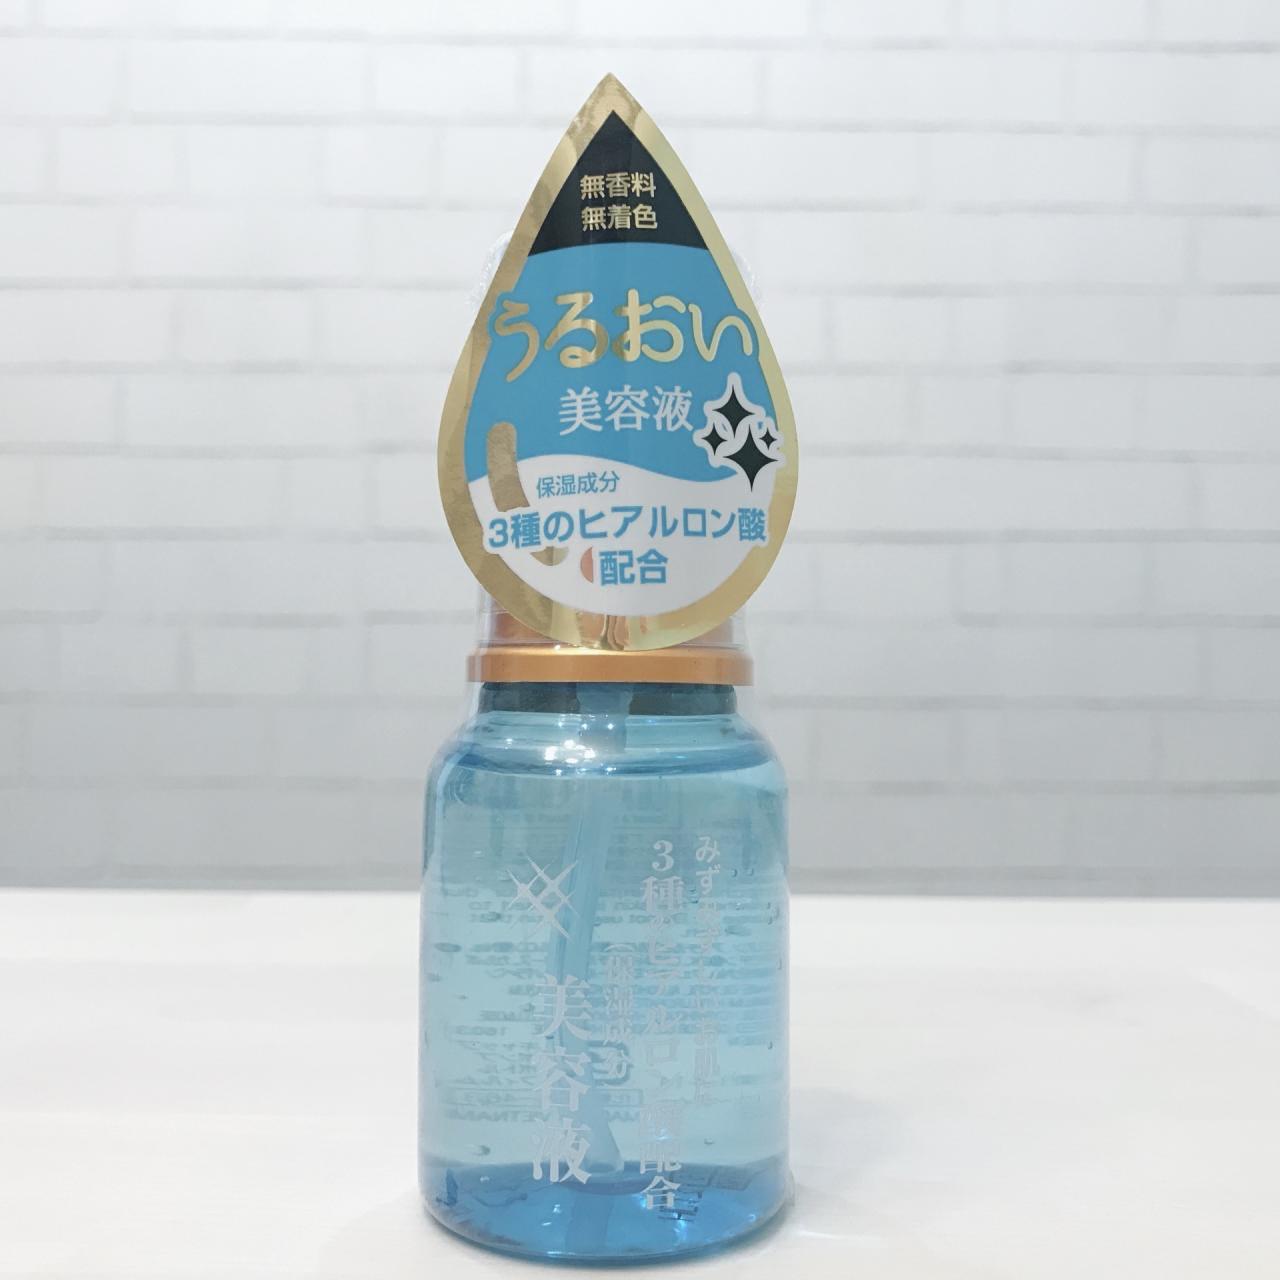 ダイソー 美容液 おすすめ 口コミ 3種のヒアルロン酸配合 THローション 100均 100円均一ショップ DAISO